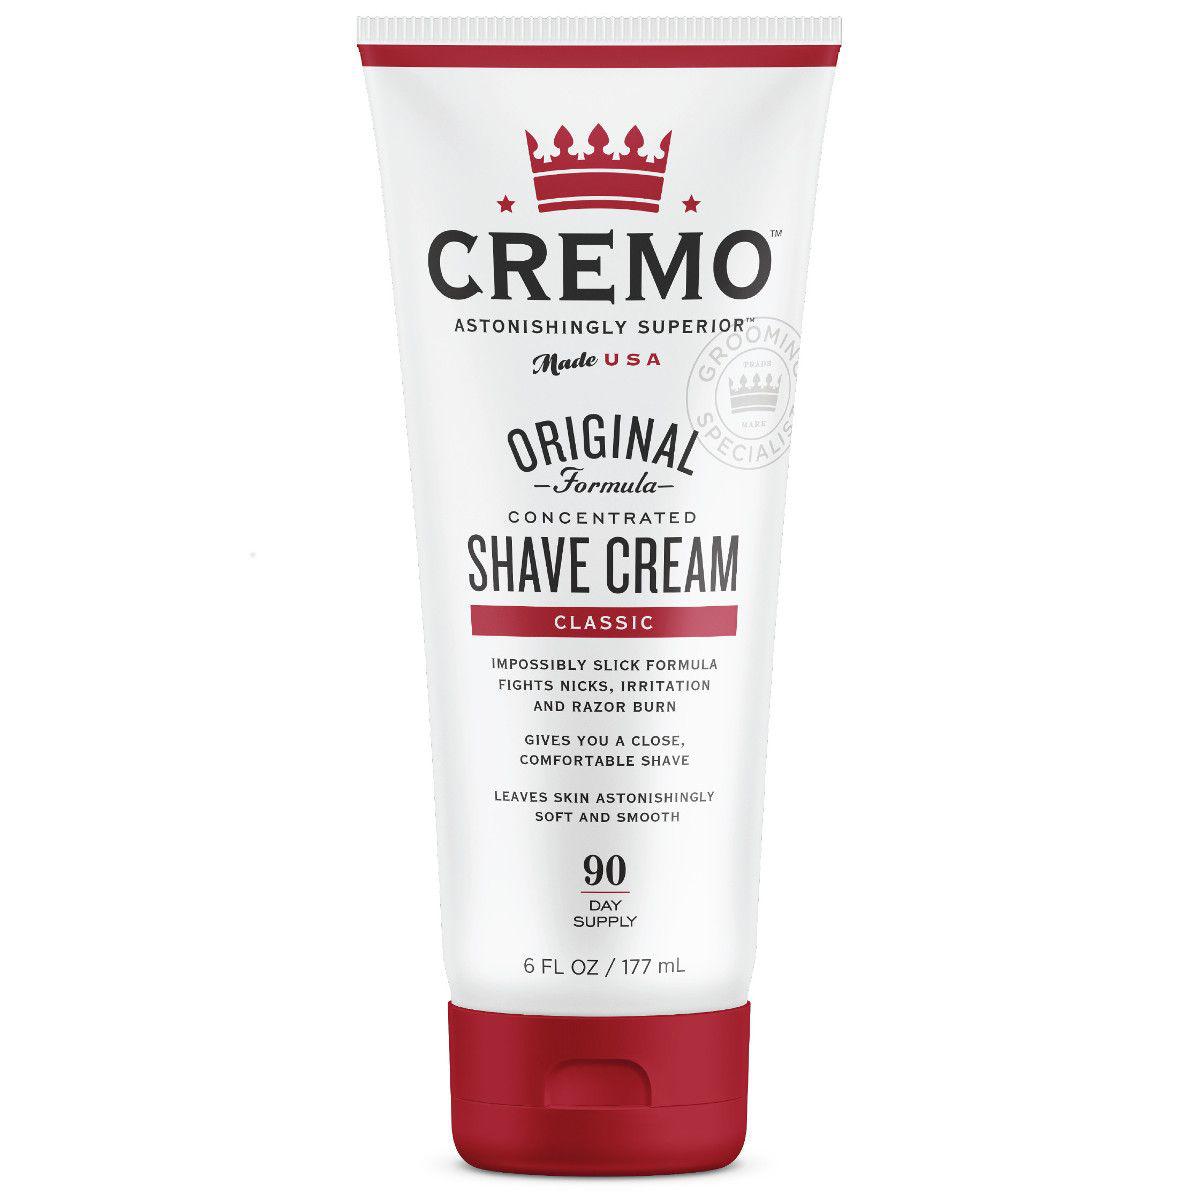 Cremo - Original - Cream image